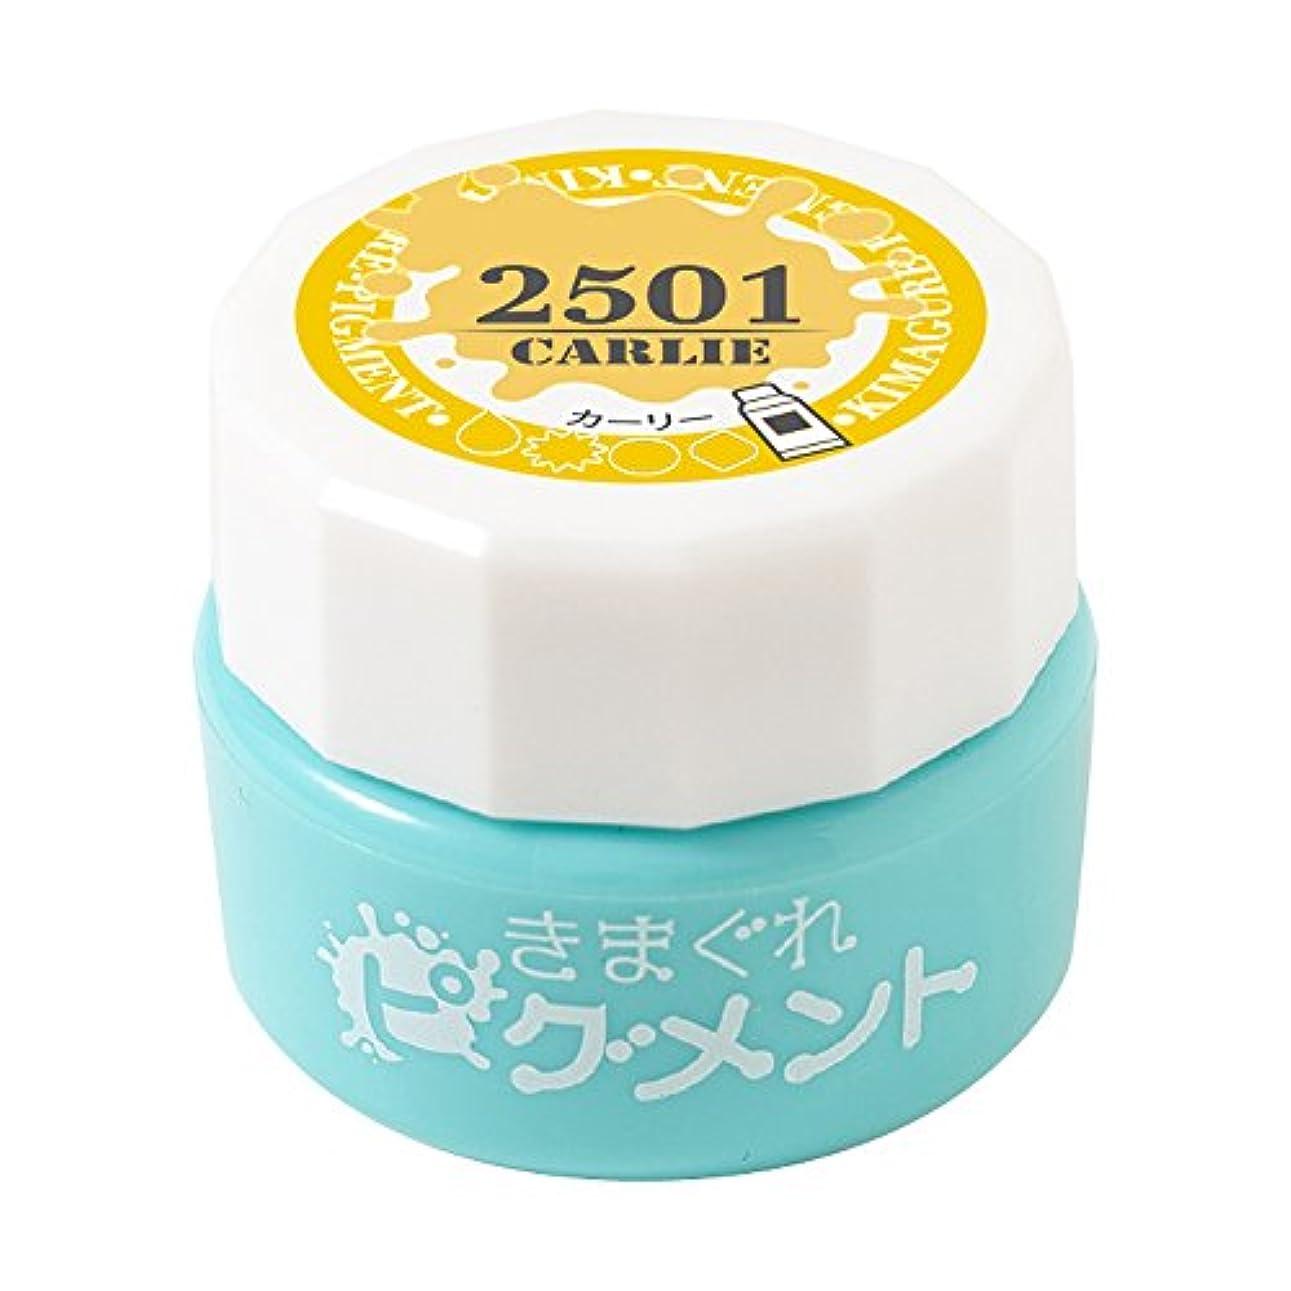 Bettygel きまぐれピグメント カーリー QYJ-2501 4g UV/LED対応